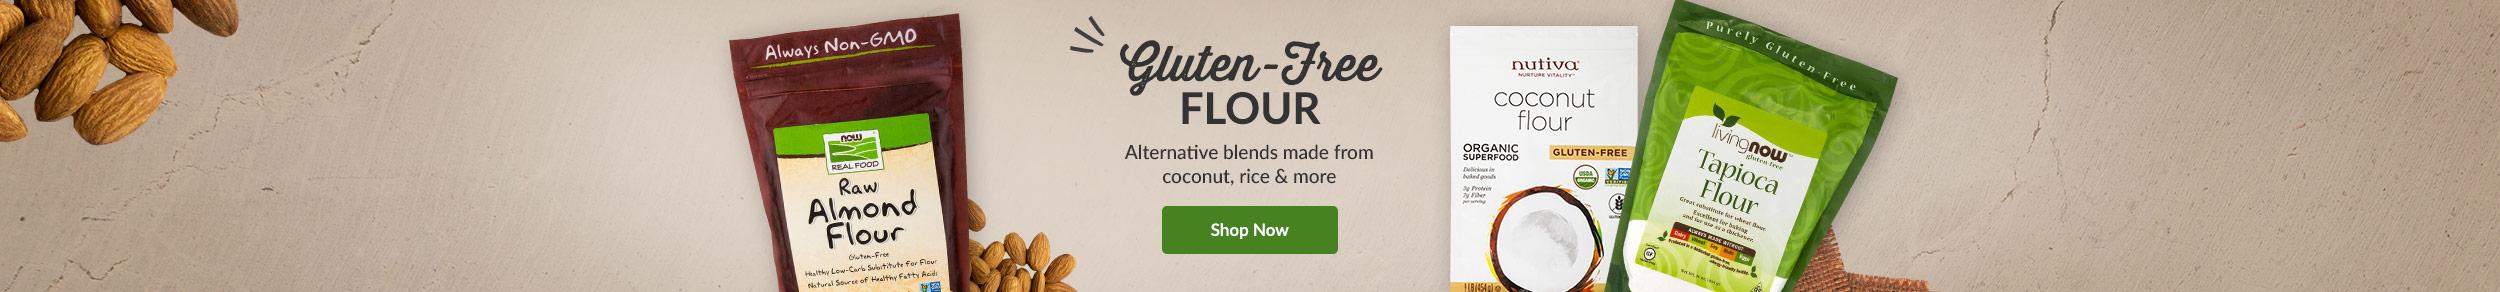 https://i3.pureformulas.net/images/static/Gluten-Free-Flour_slide3_062218.jpg